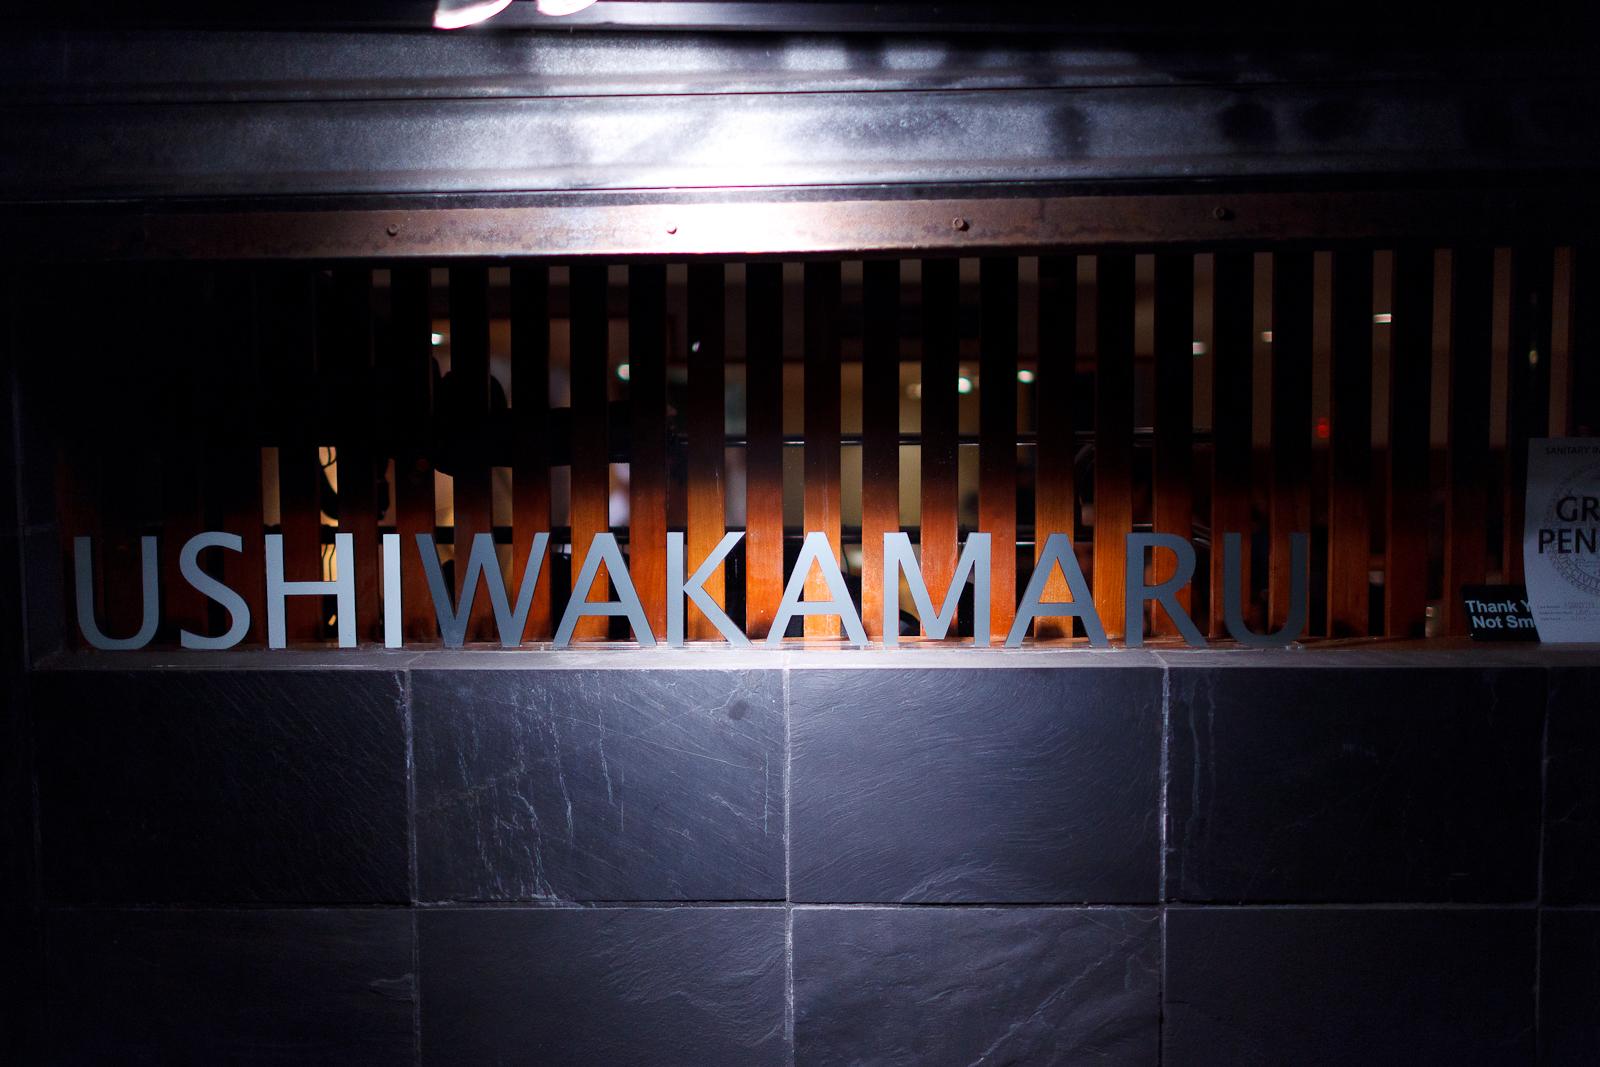 Entrance to Ushiwakamaru